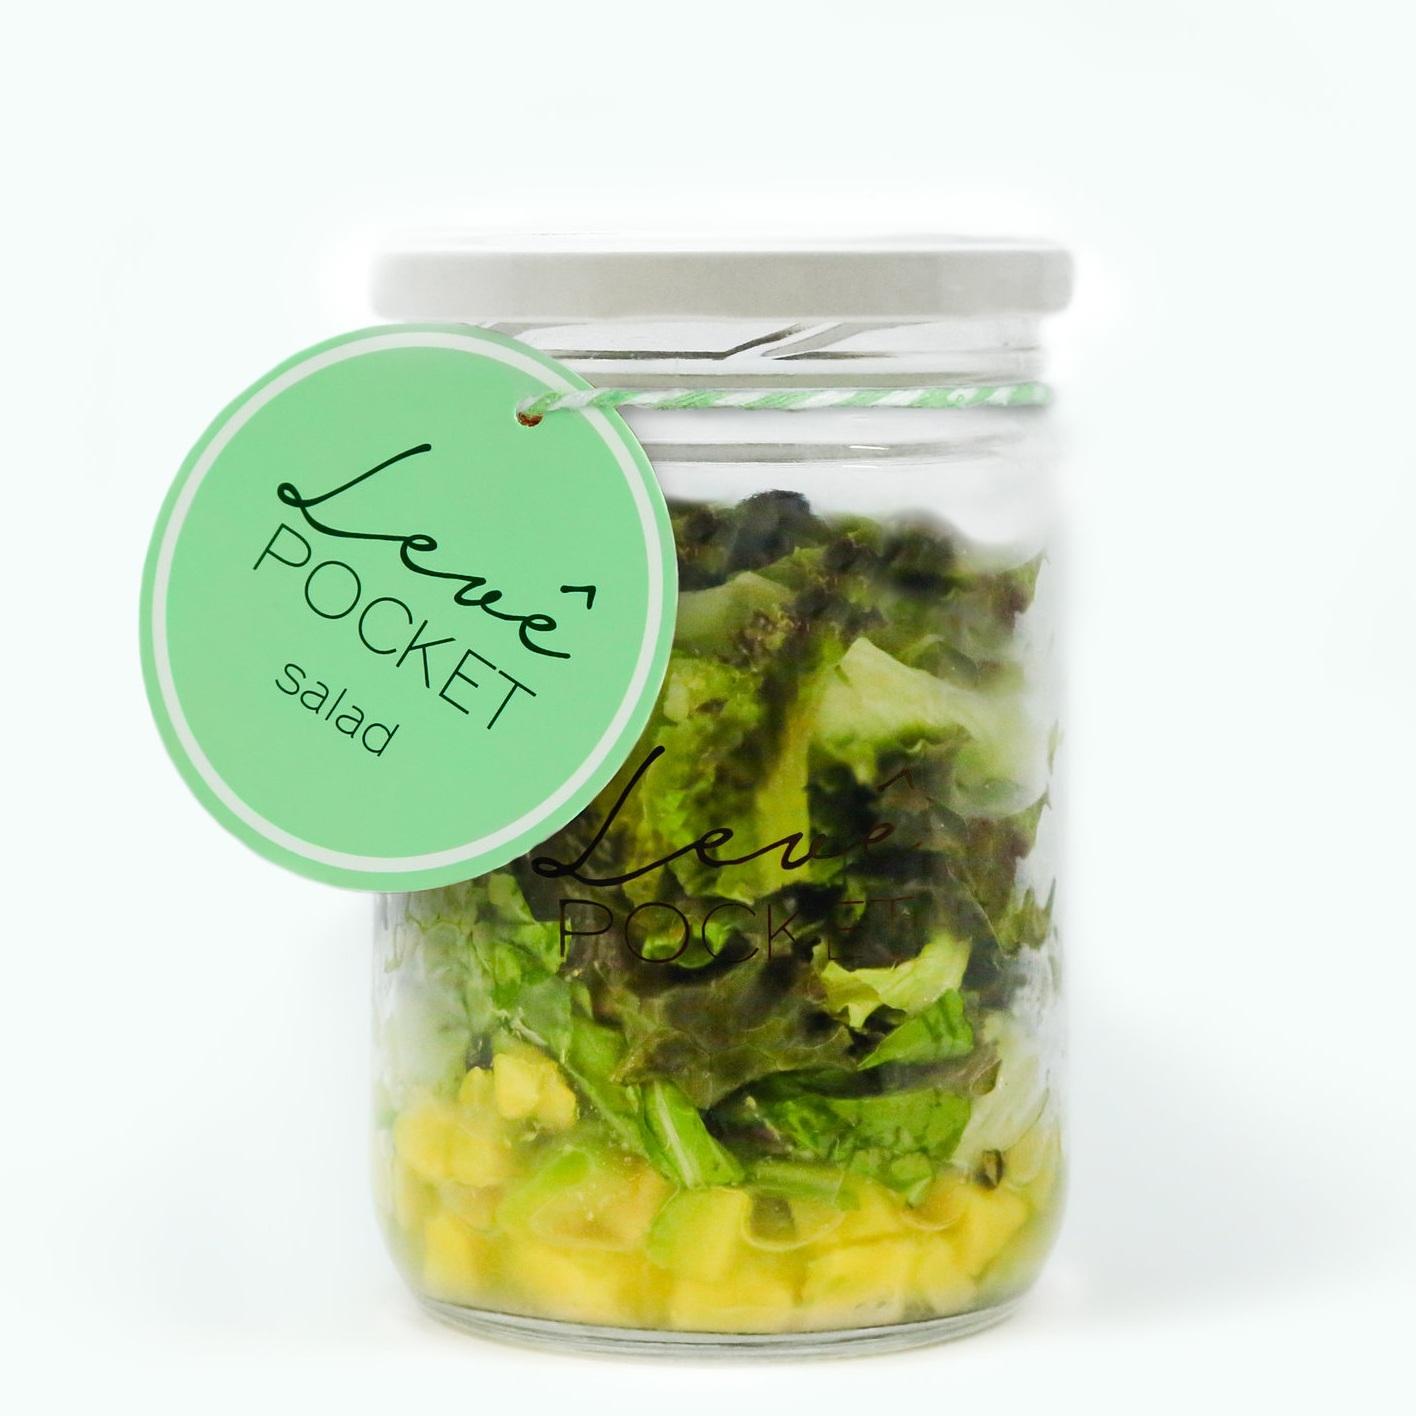 salada%2B-%2Bceasar%2Bsalad.jpg